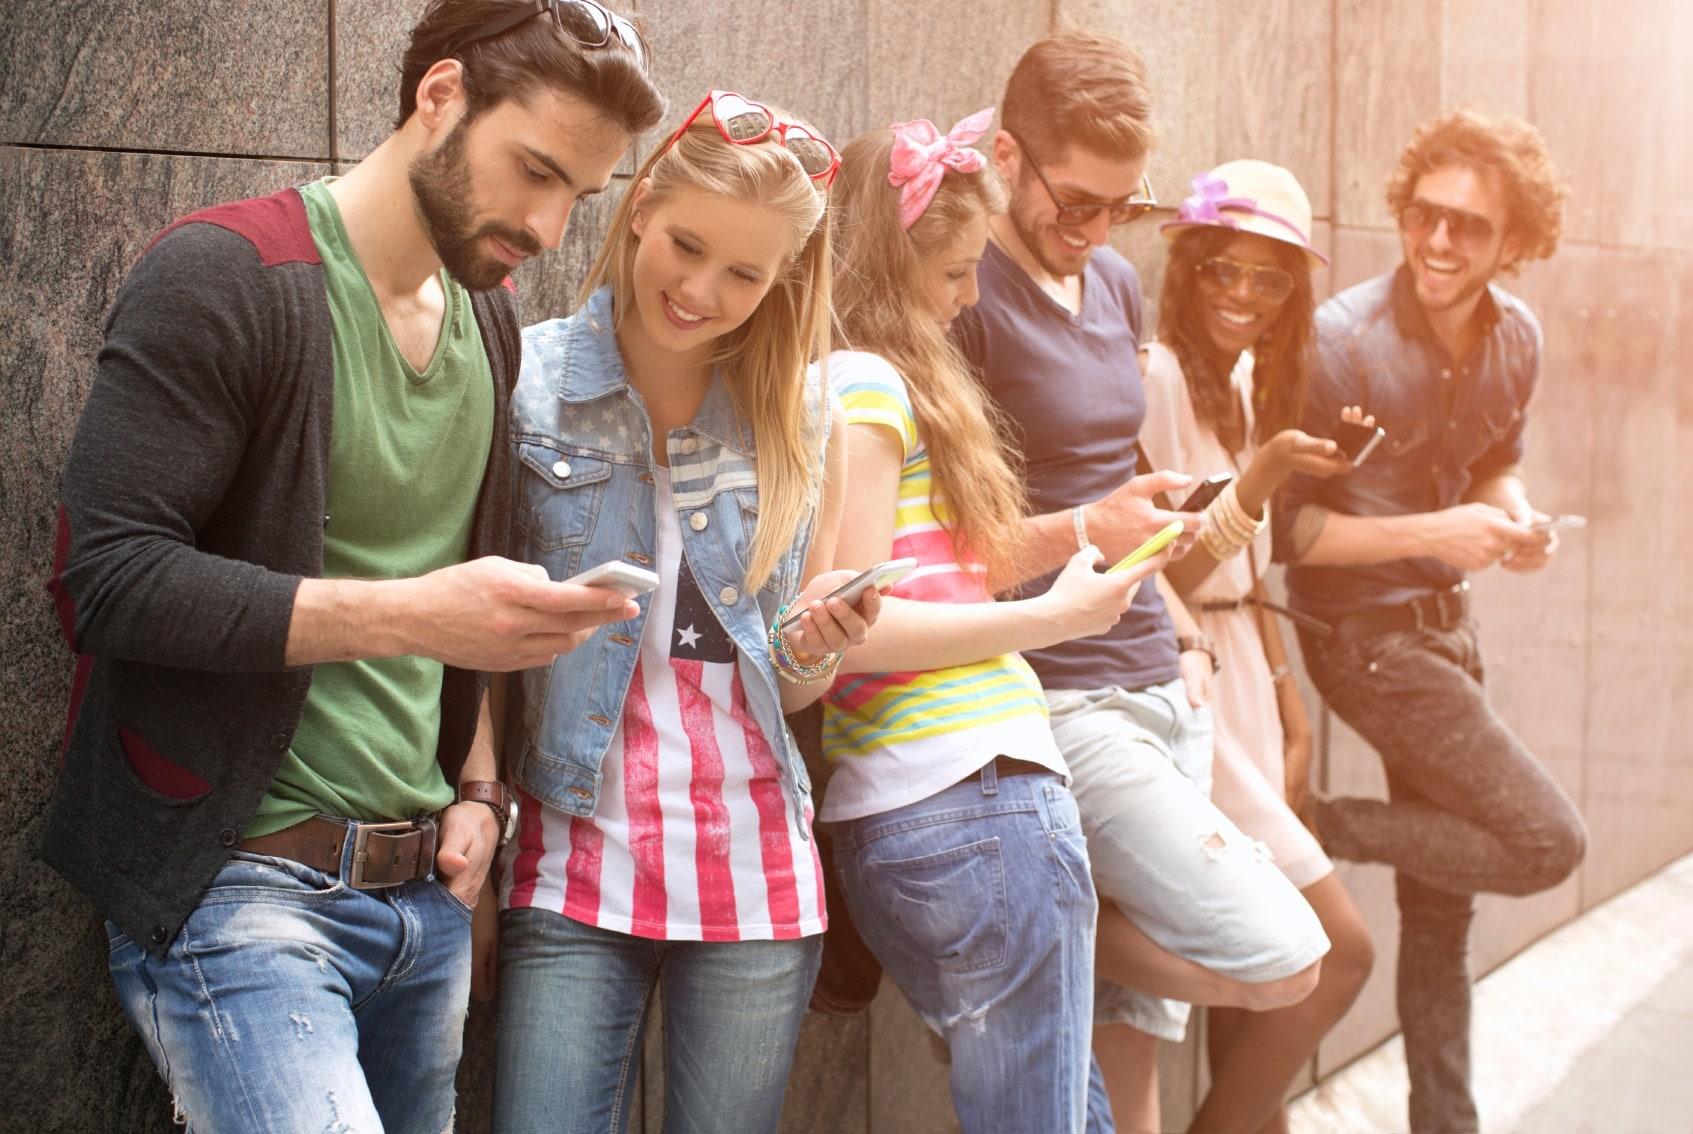 Conoscete Flashcards? L'app che vi aiuterà a studiare o a divertirvi tra amici (foto)